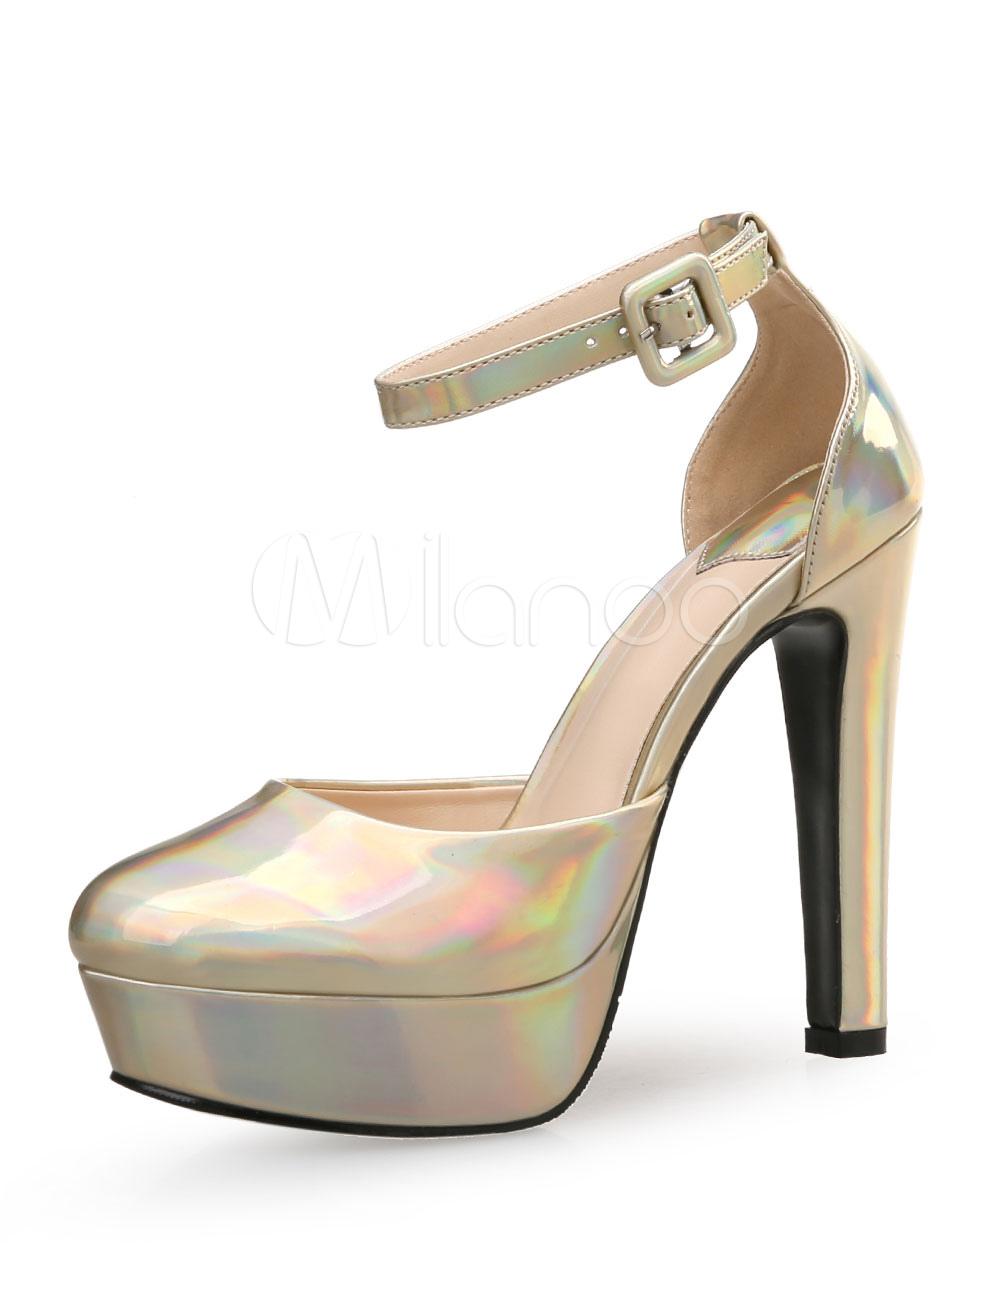 0020e6f2 Zapatos de tacón de puntera redonda de PU Color liso de tacón gordo